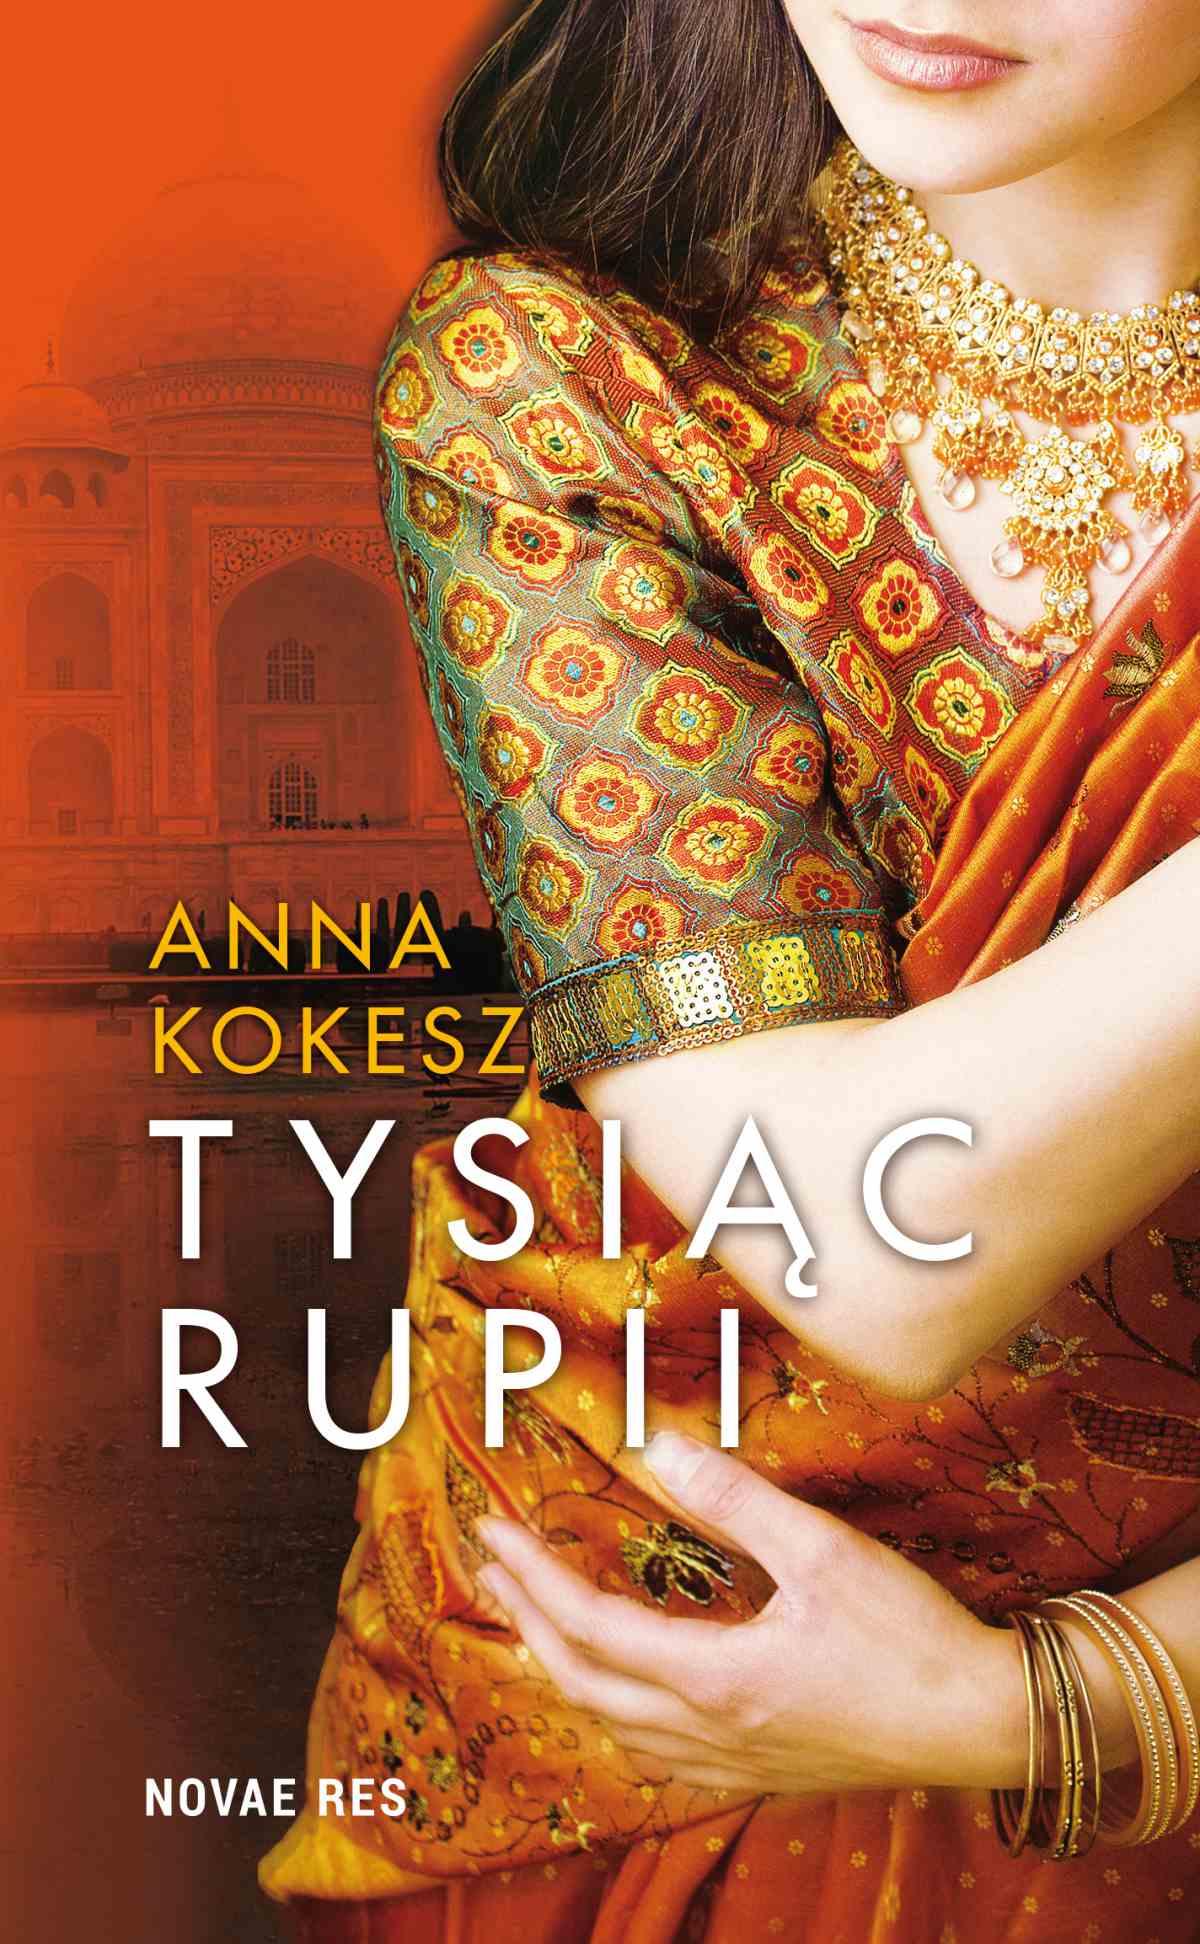 Tysiąc rupii - Ebook (Książka EPUB) do pobrania w formacie EPUB